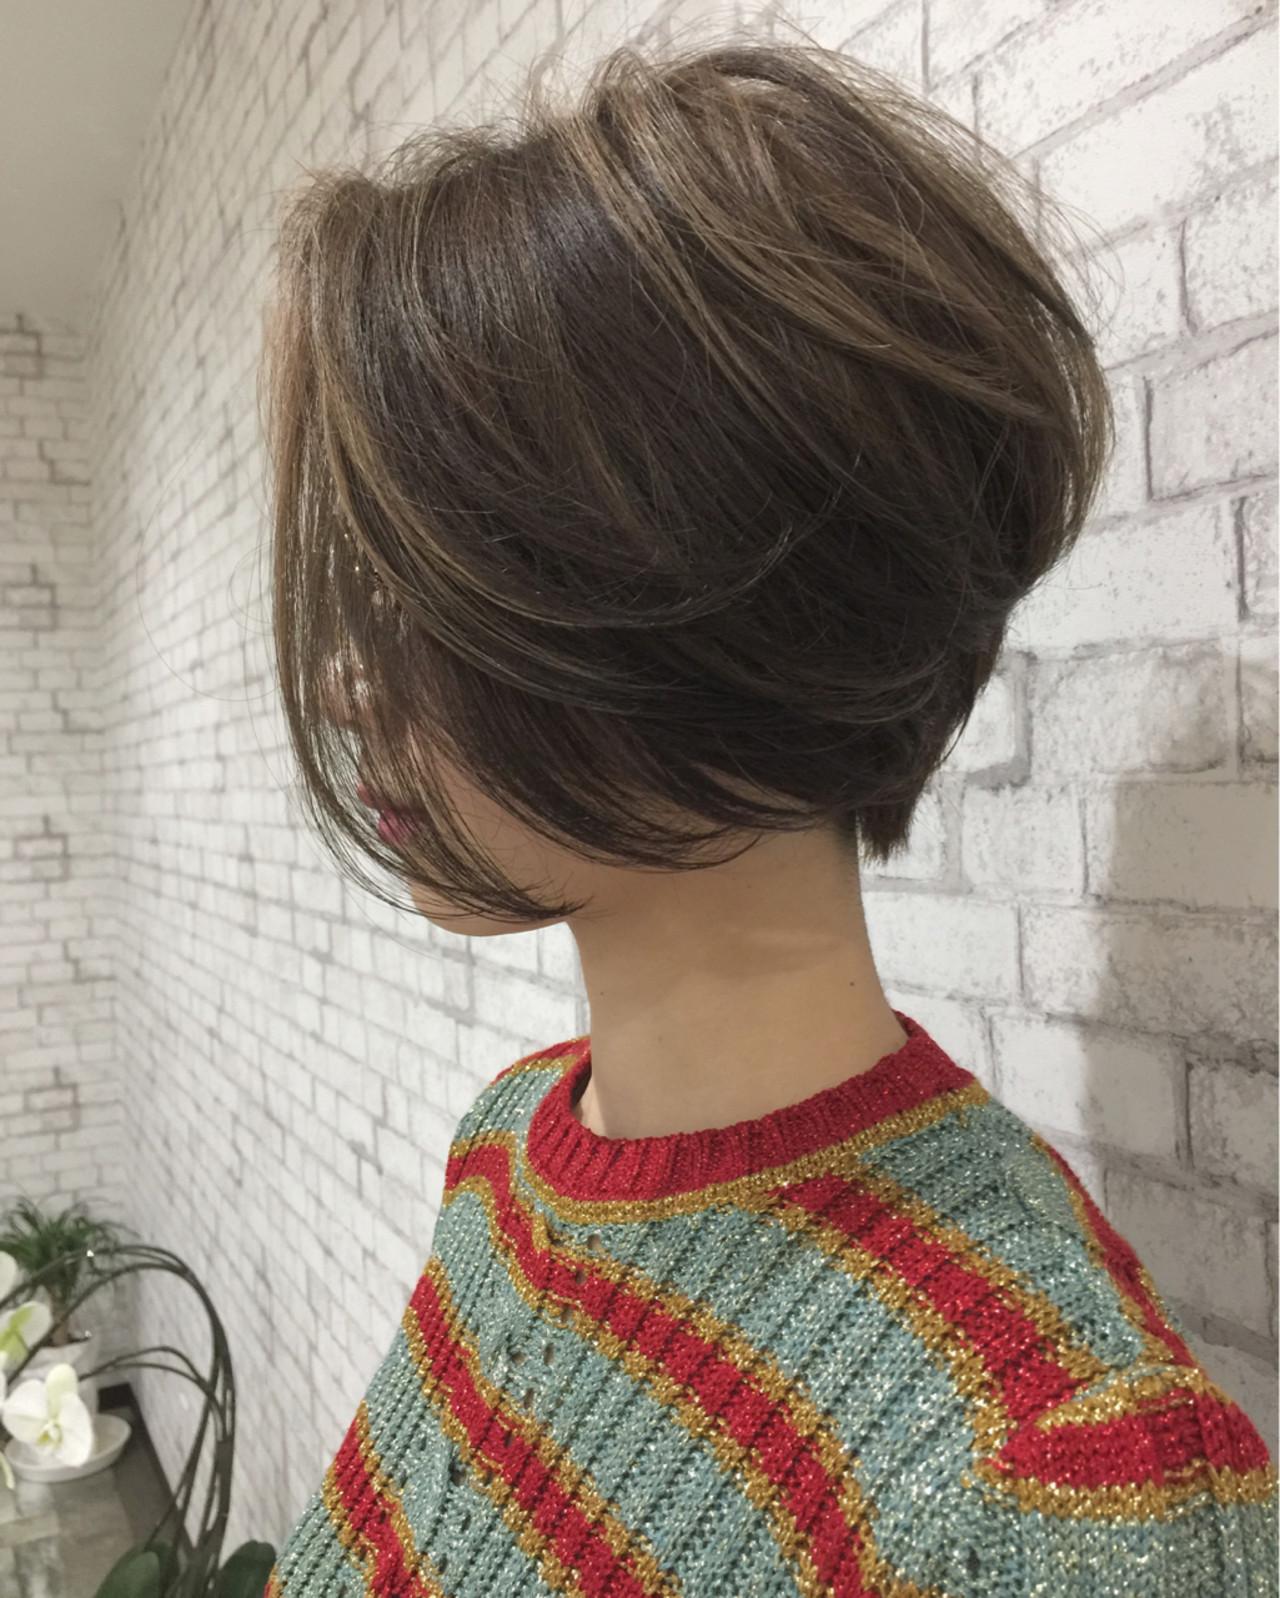 """40代のヘアスタイルは""""ボブ""""で凛とした美しさを手に入れよう 吉田 哲也"""